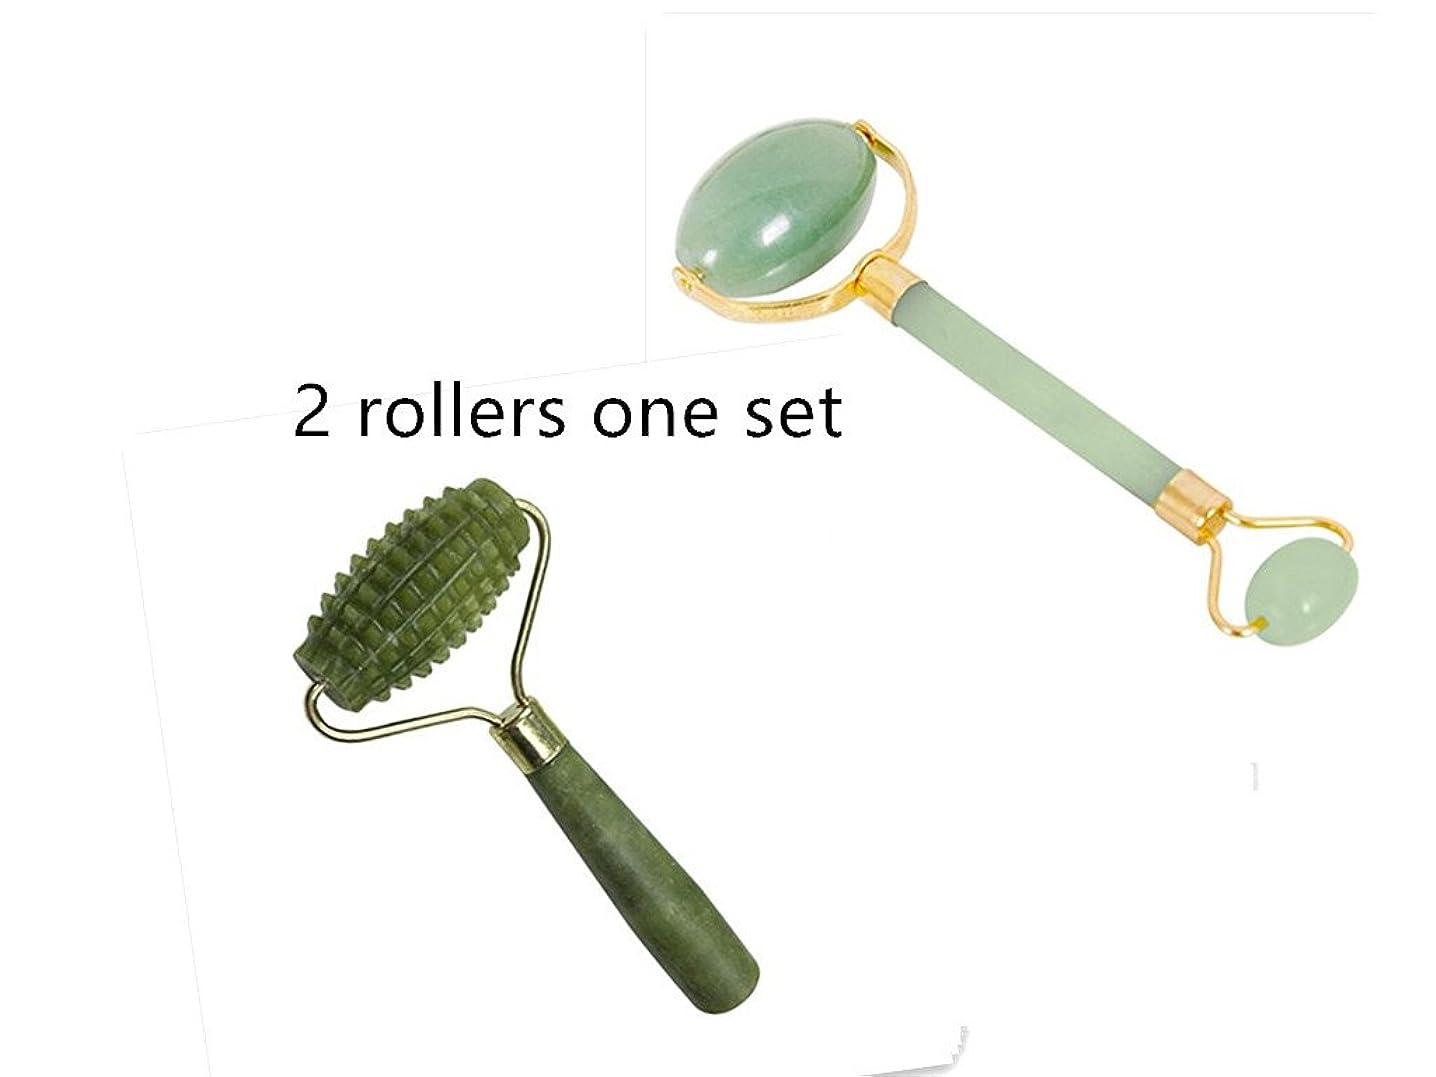 ベッドやむを得ない性交Echo & Kern 2点翡翠フェイスマッサジギザギザ付きでローラー 2pcs one set Double head Jade Roller and one single head Jade roller